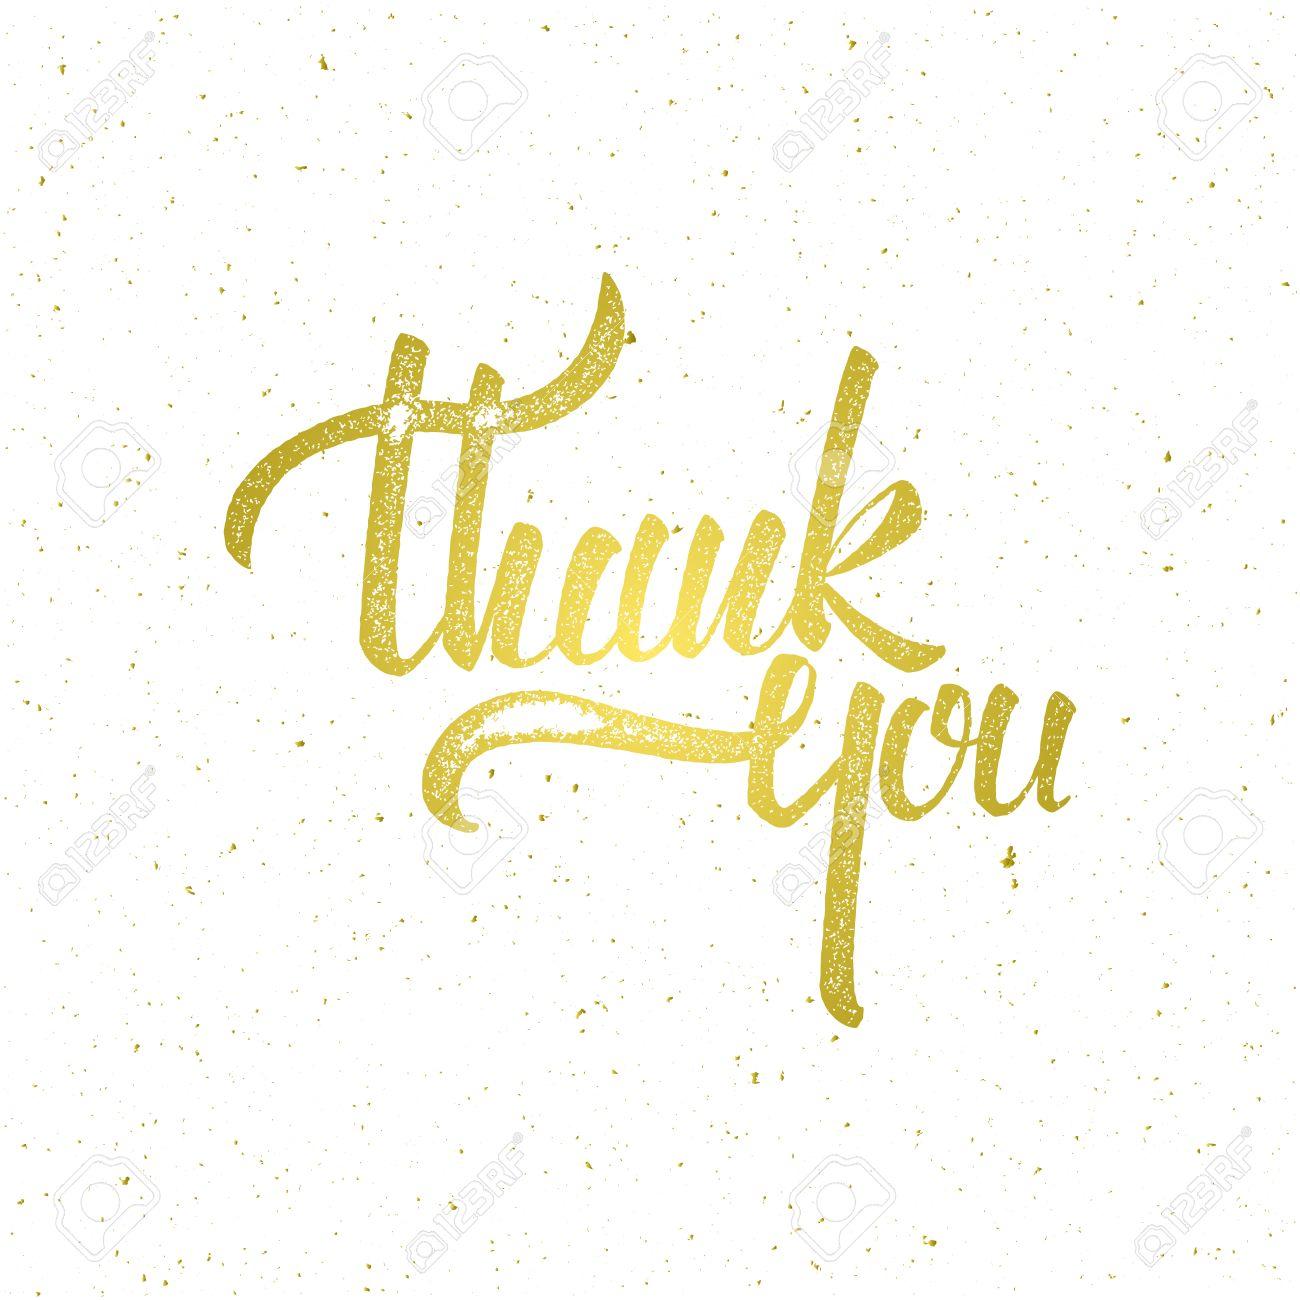 goldene danke auf weißem hintergrund schriftzug. illustration für, Einladung